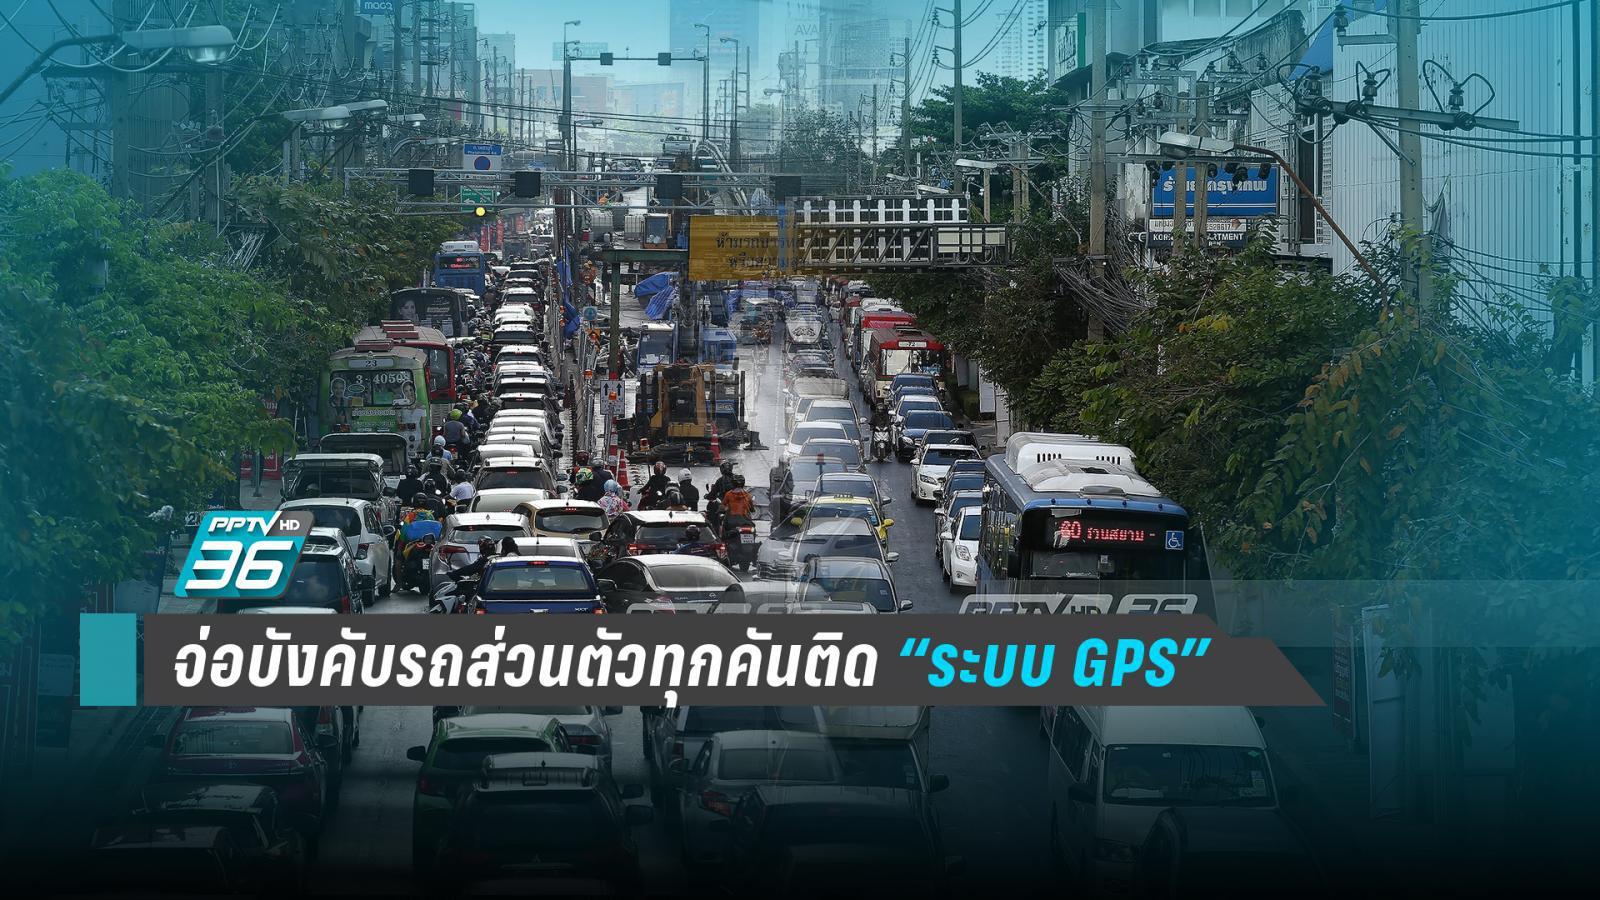 คมนาคม เอาจริงเตรียมบังคับติด GPS รถทุกคัน รวมถึงรถมอเตอร์ไซค์